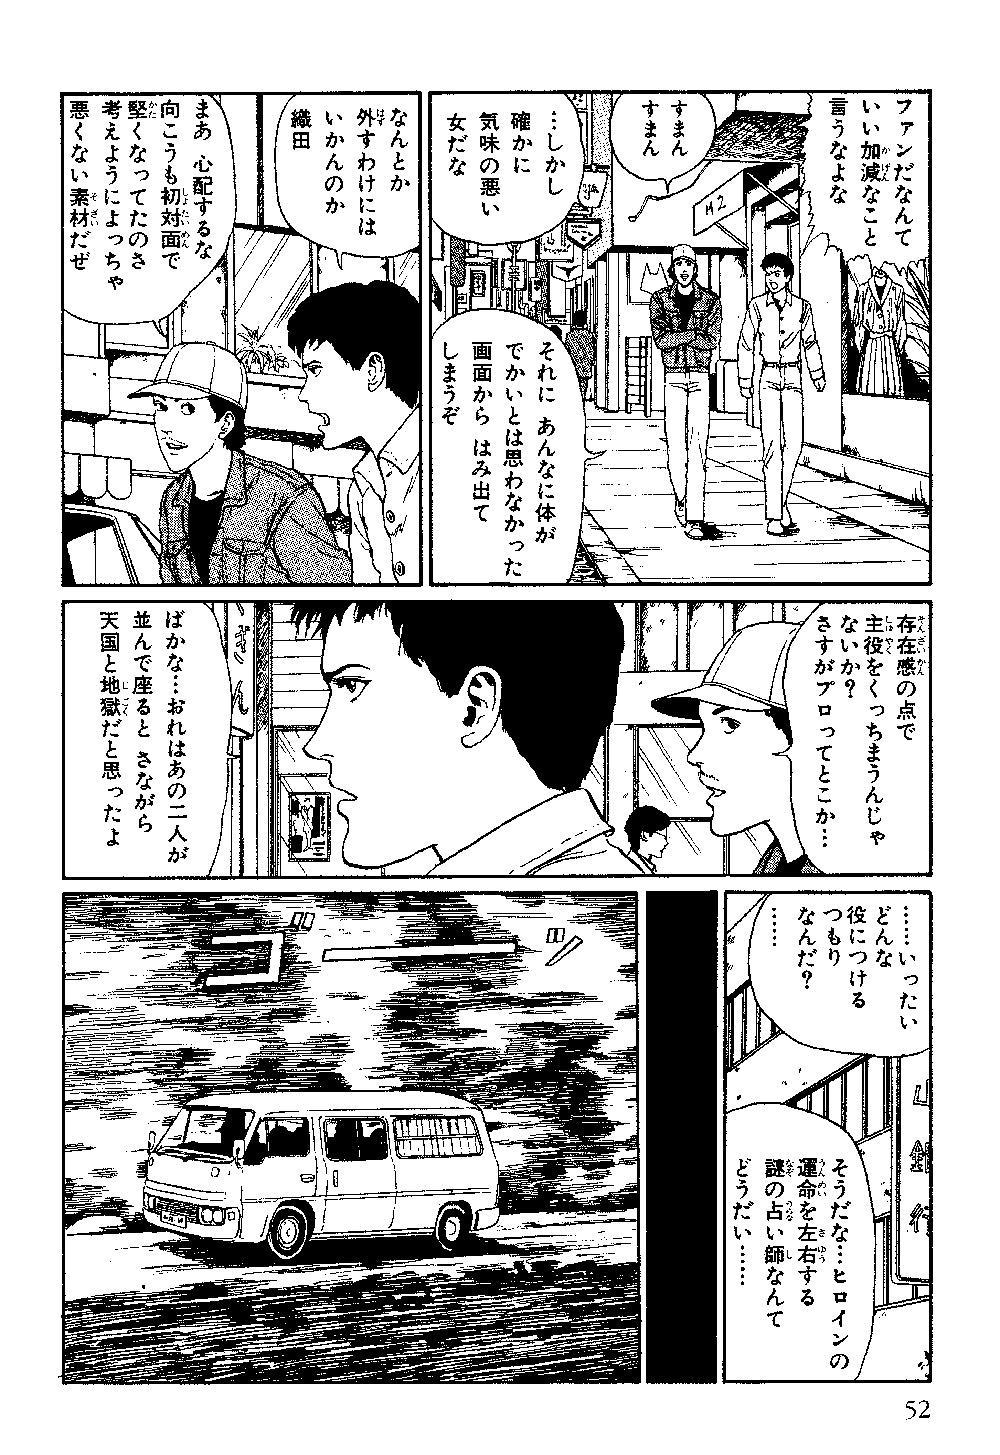 itouj_0006_0054.jpg